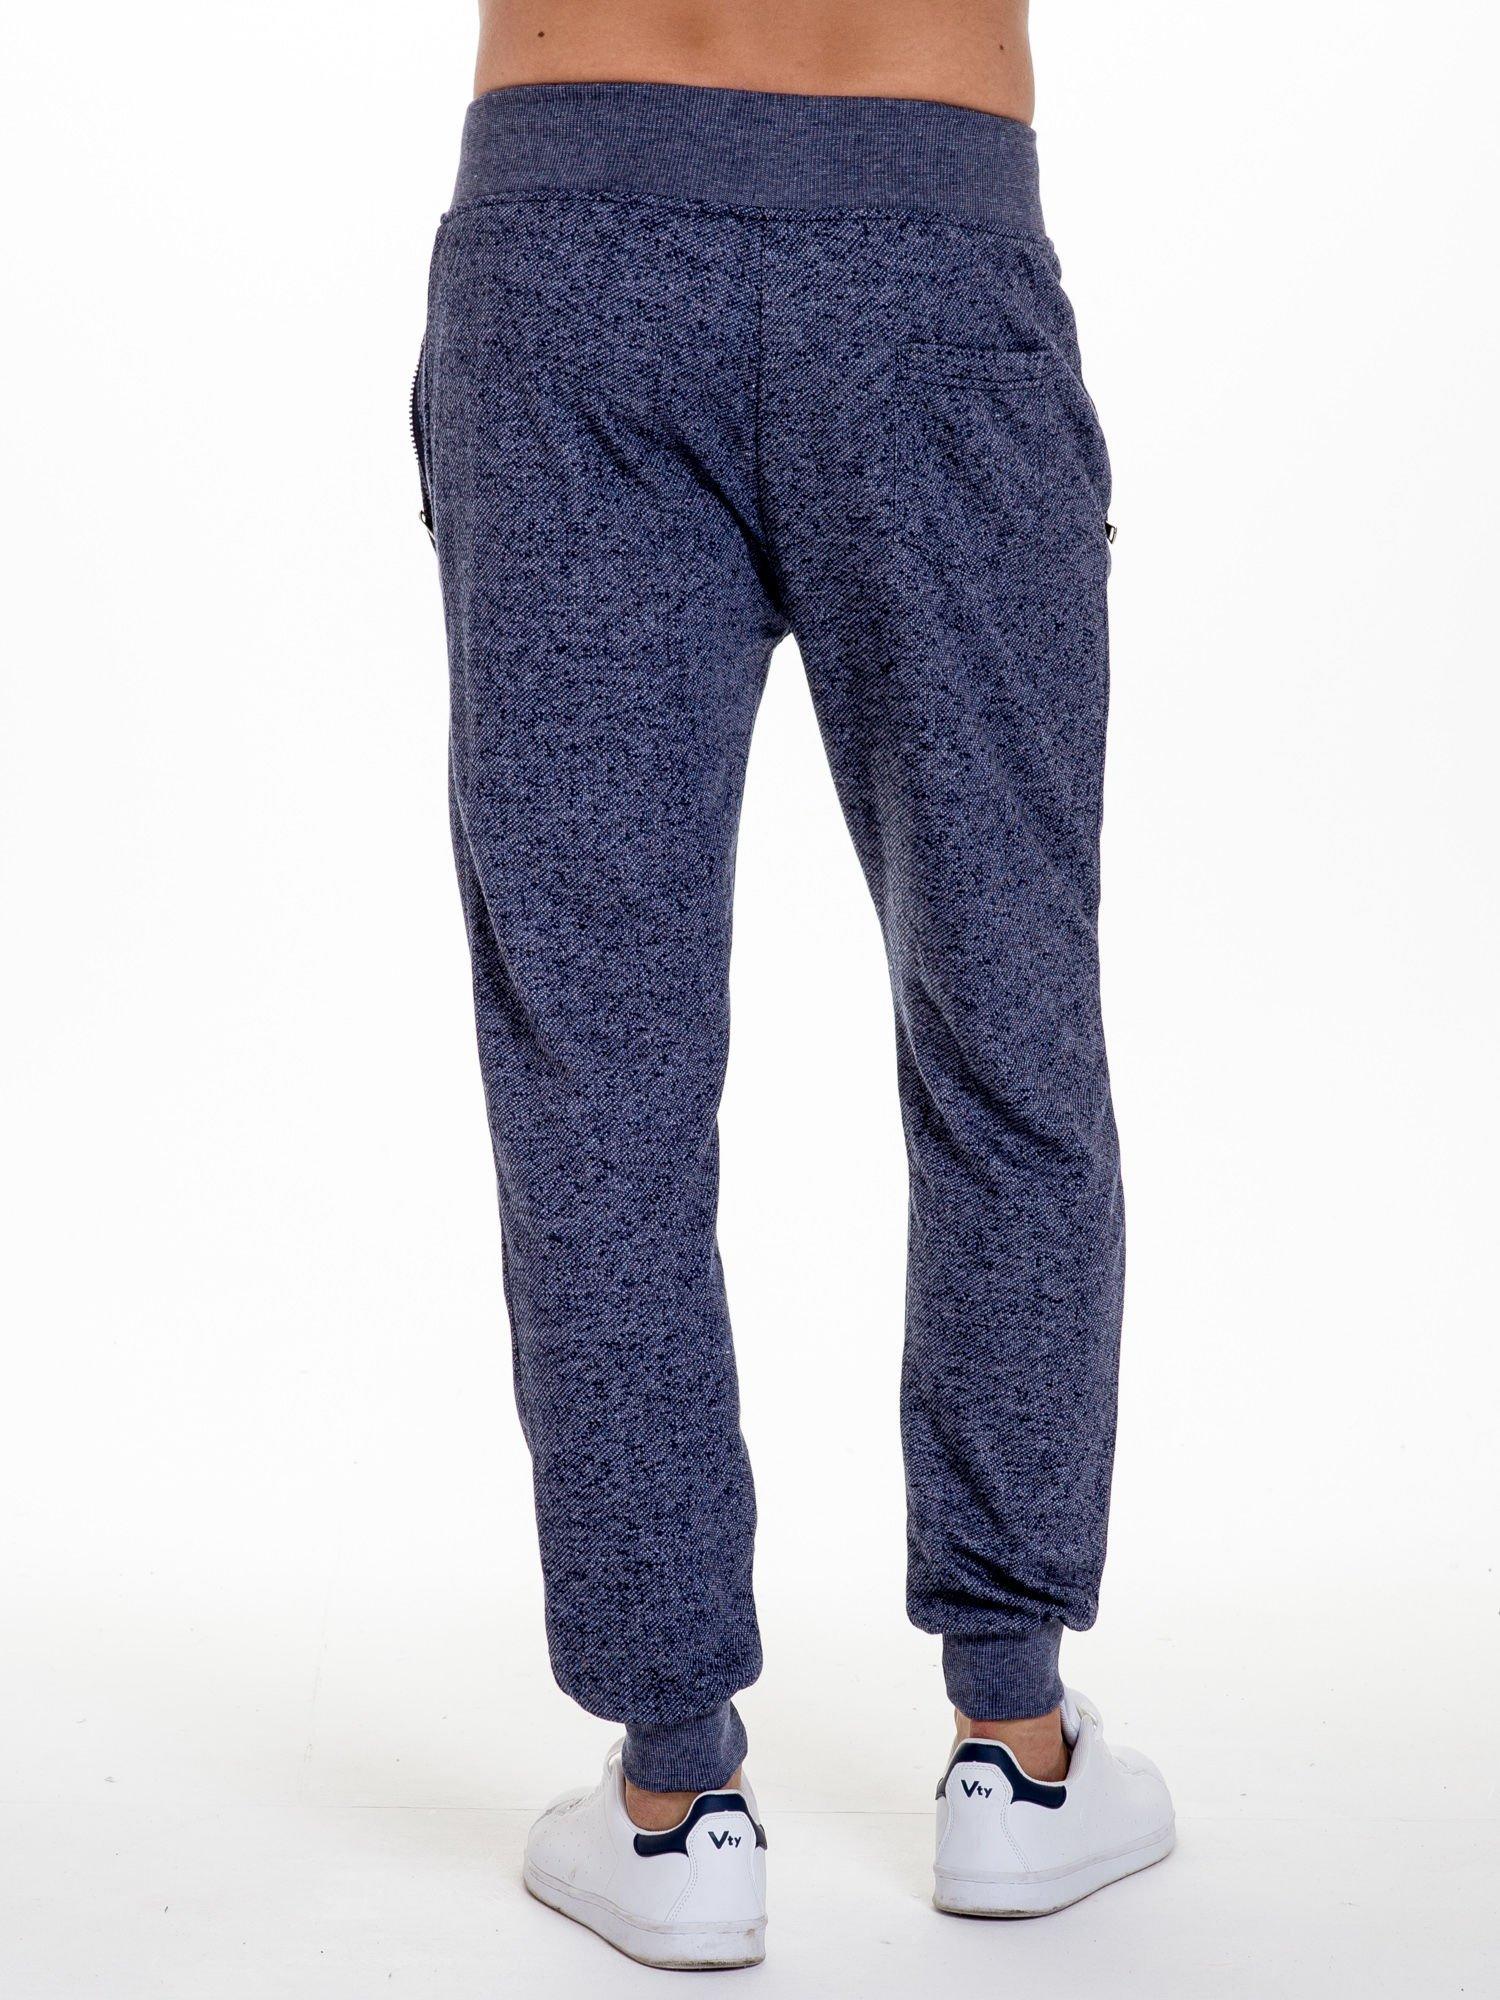 Granatowe melanżowe spodnie męskie z kieszeniami na suwak                                  zdj.                                  4